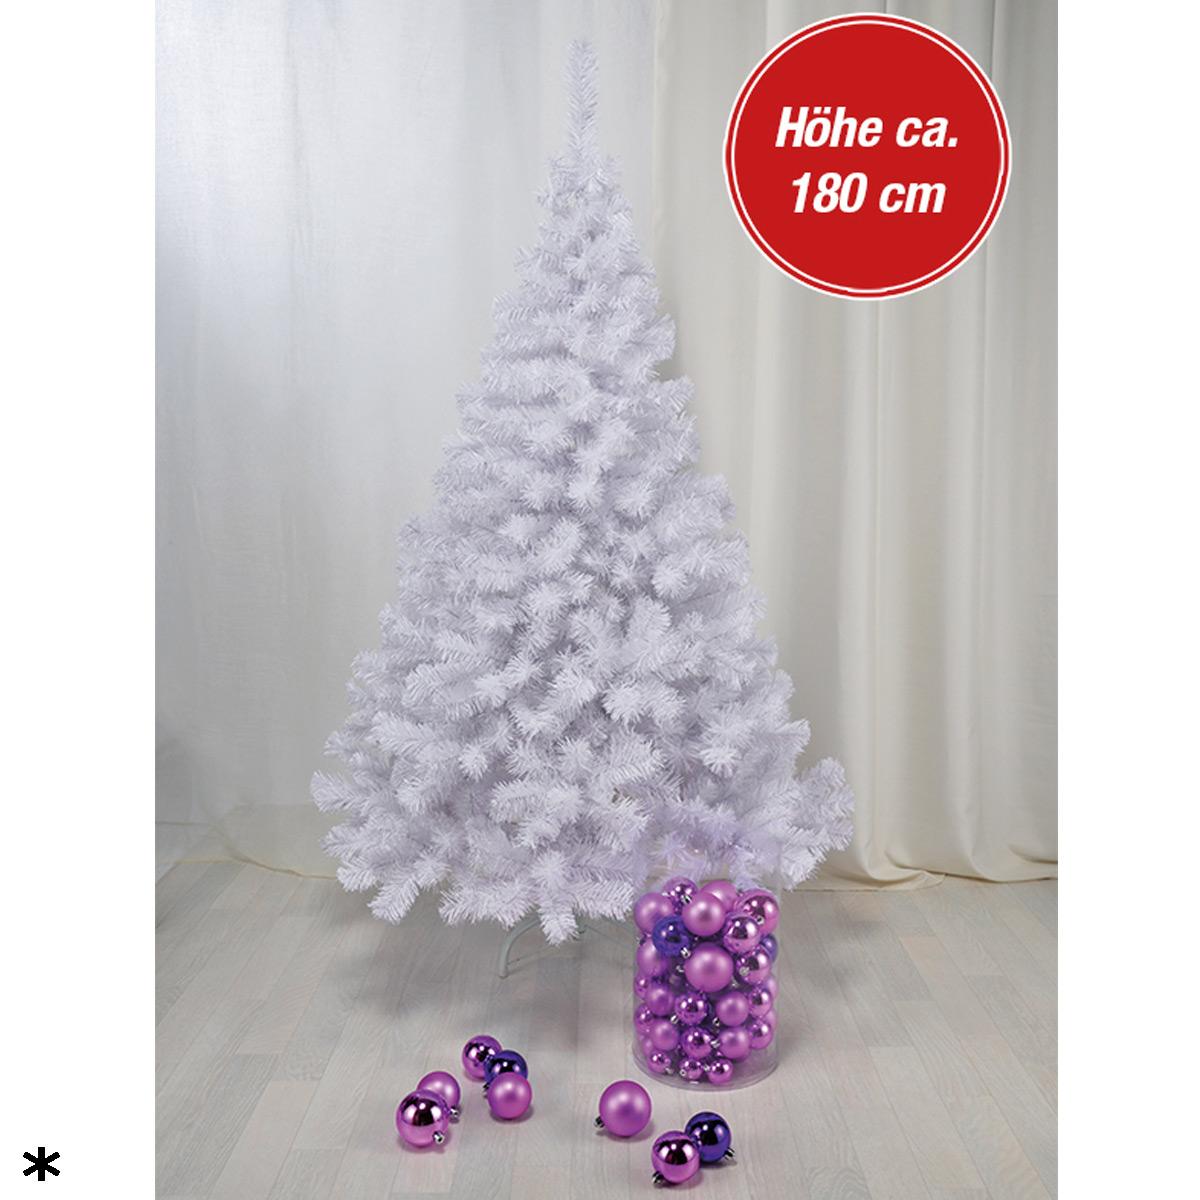 weihnachtsbaum k nstlich christbaum wei tannenbaum weihnachten dekoration 180cm ebay. Black Bedroom Furniture Sets. Home Design Ideas